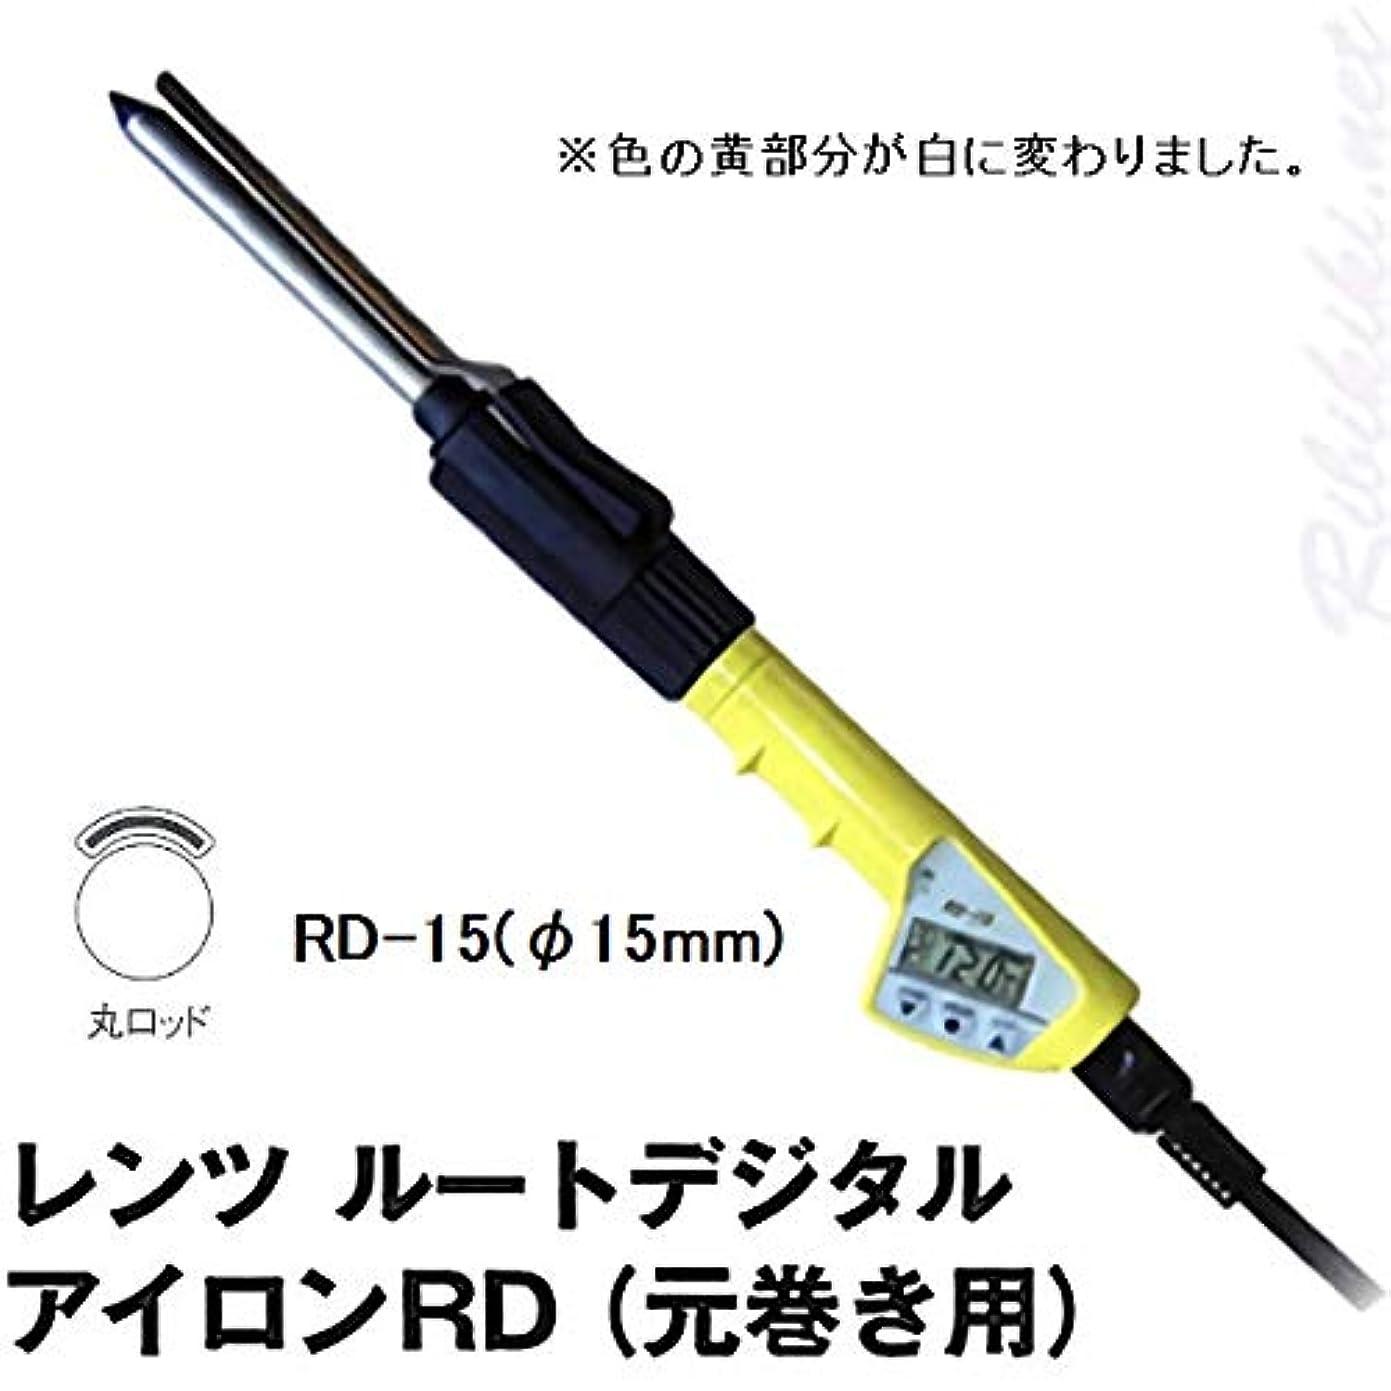 パンダ達成可能バングラデシュレンツ ルートデジタルアイロンRD(元巻き用) RD-12